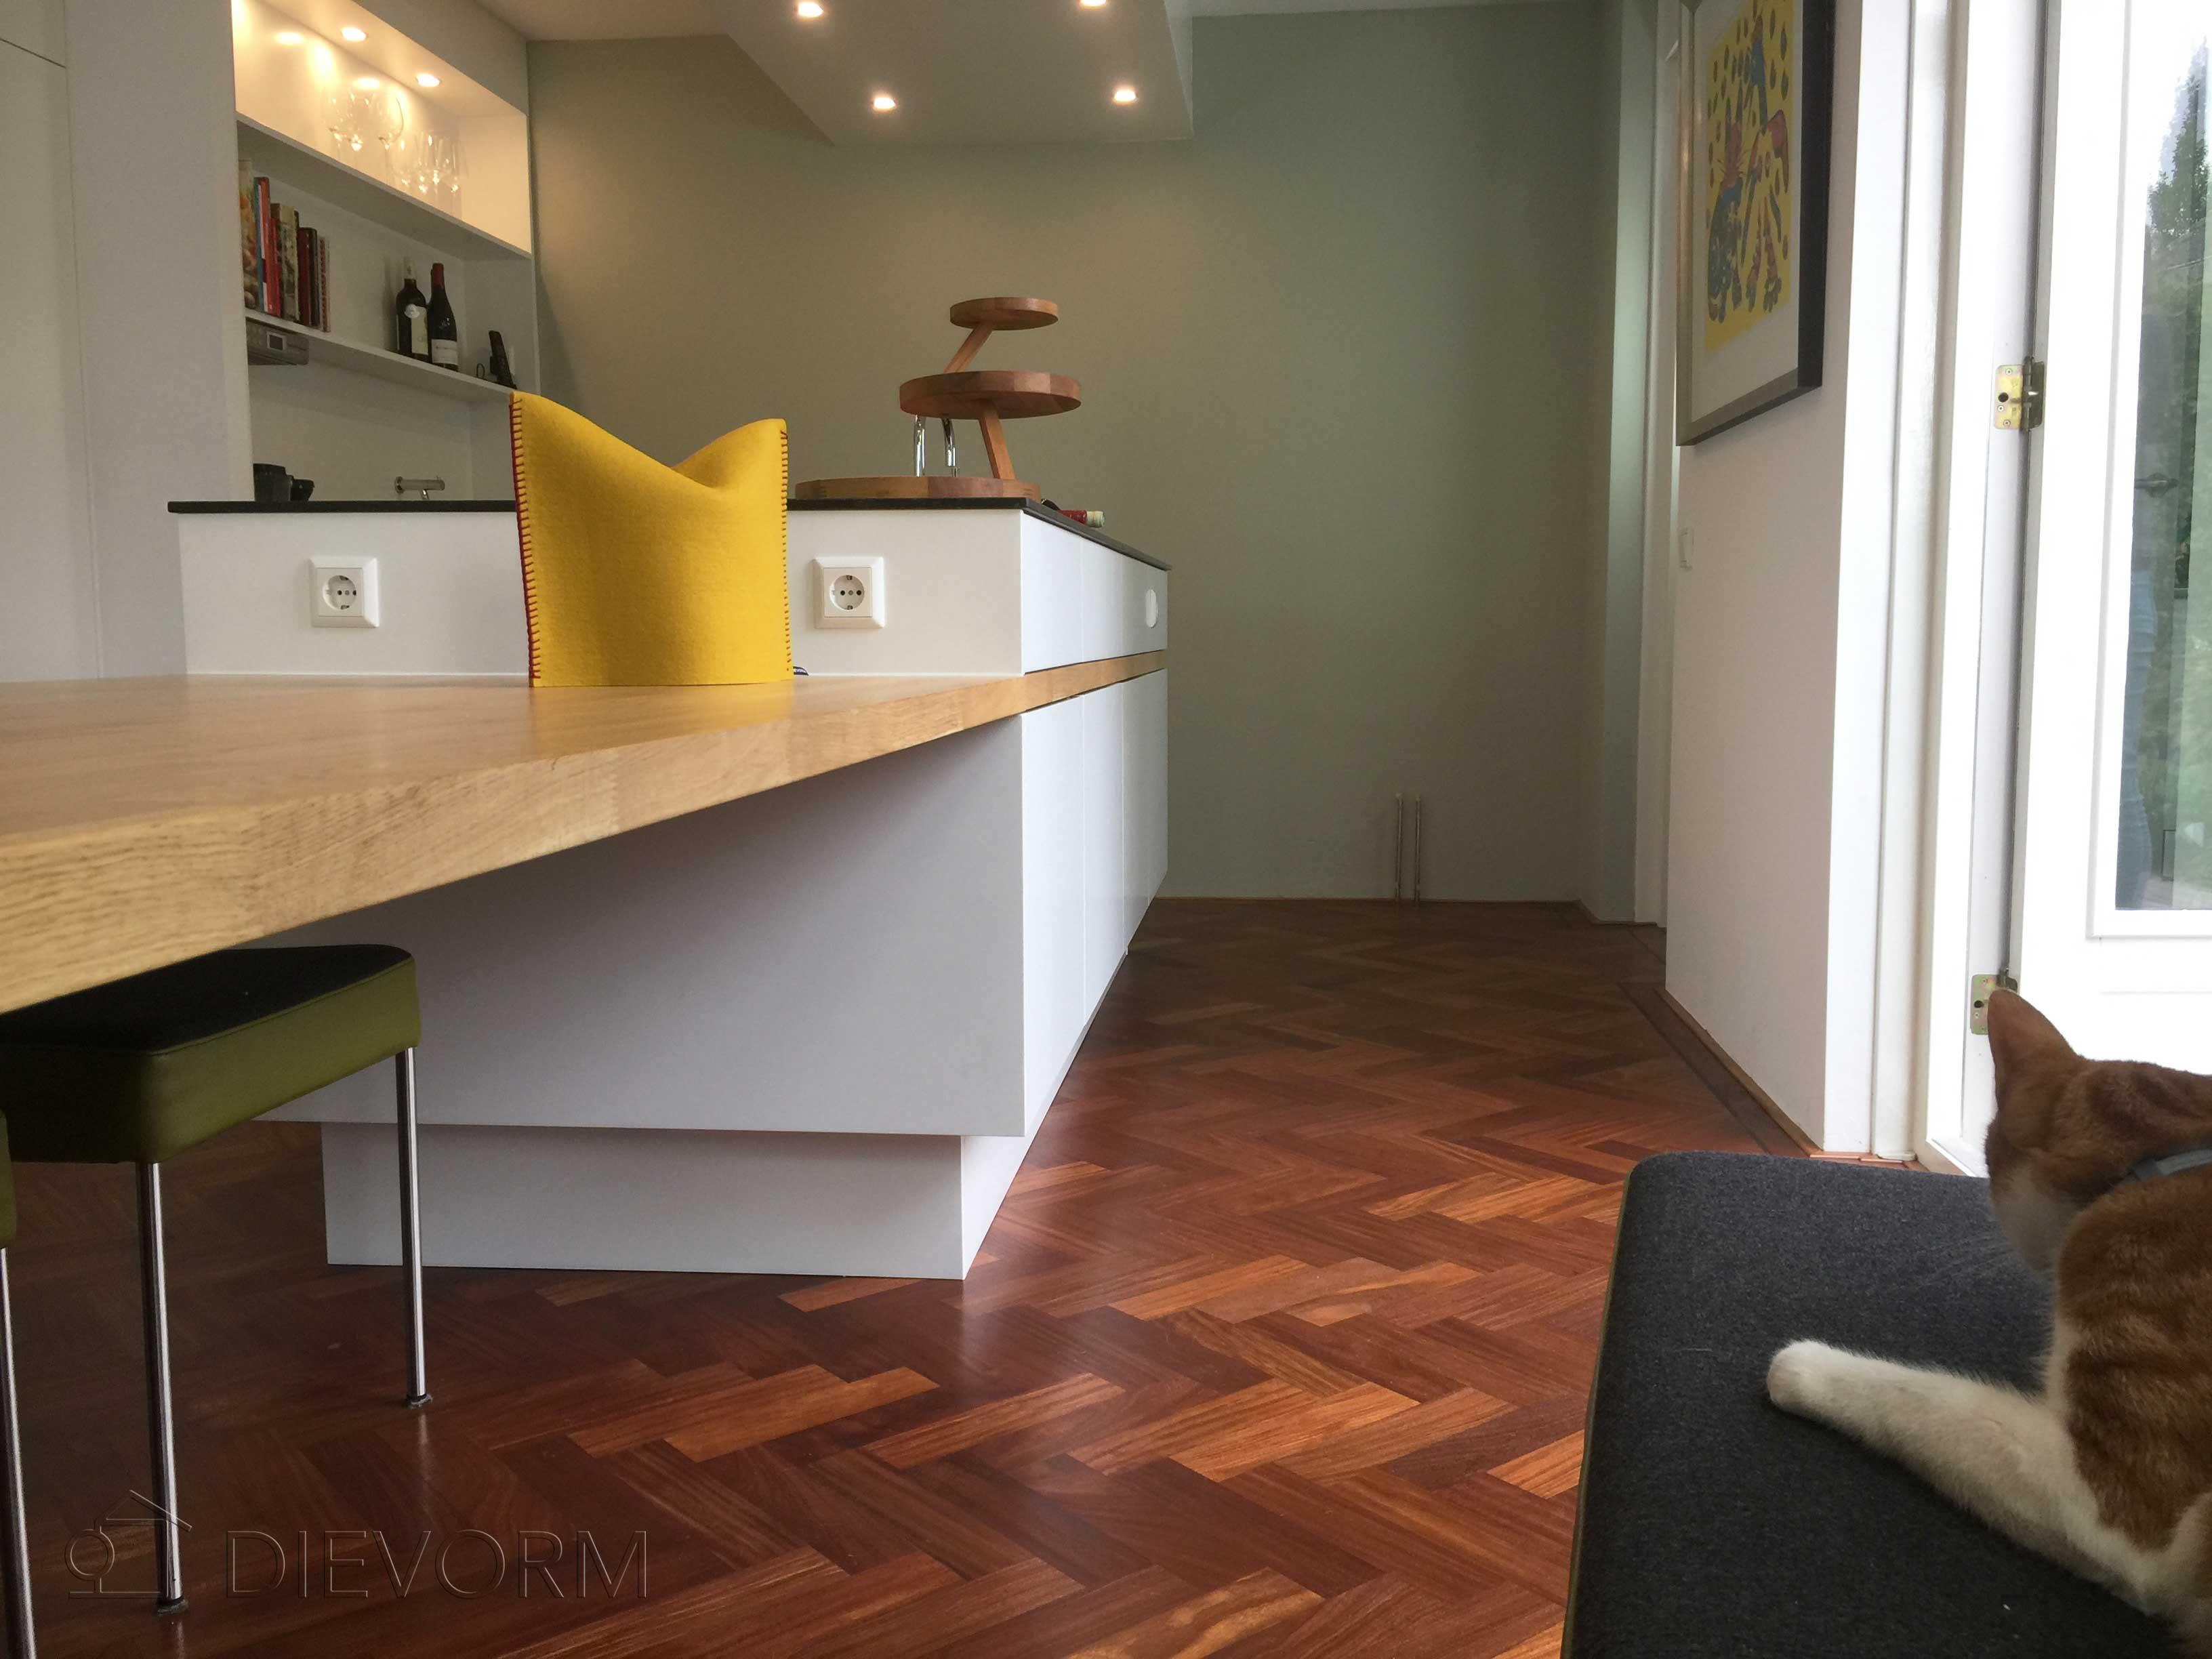 Landelijke keukens modern mijn keukens op maat laten maken - Centraal koken eiland ...